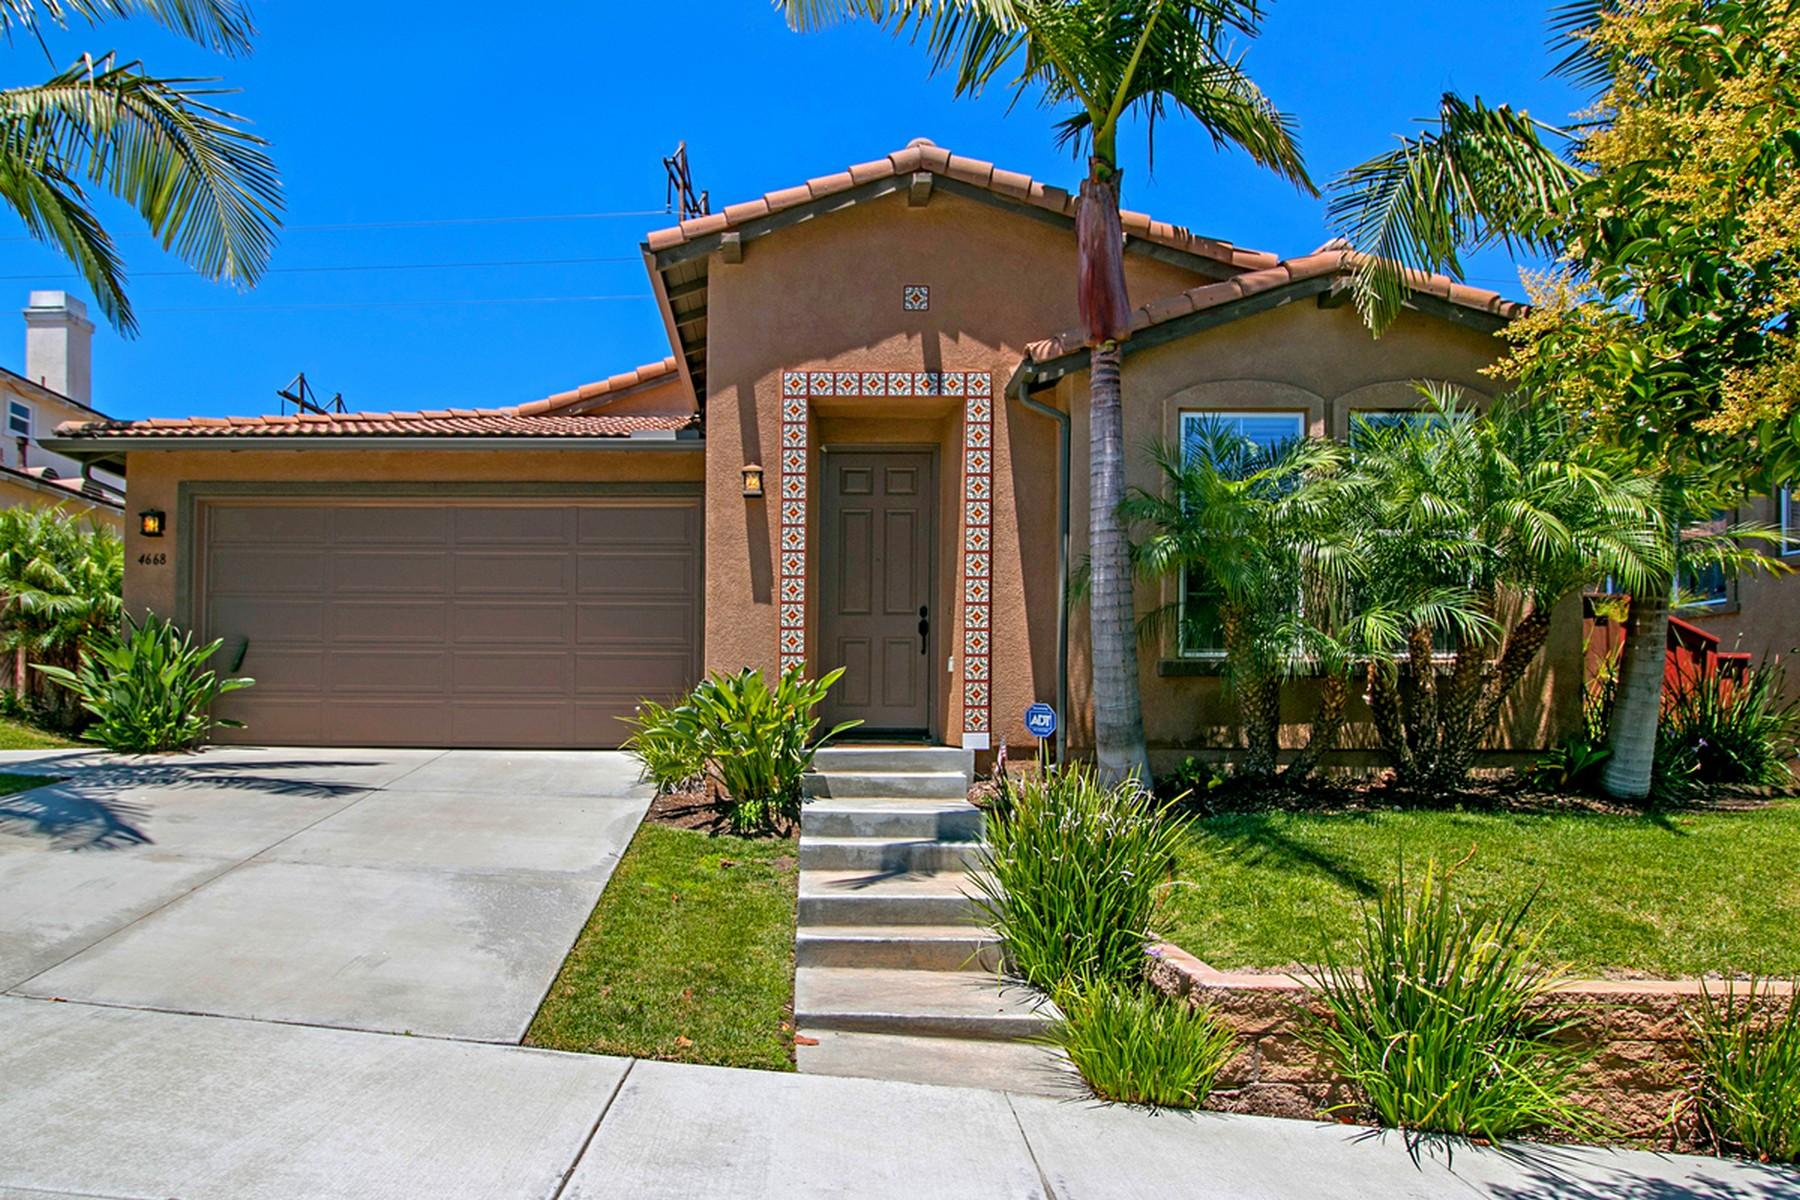 Maison unifamiliale pour l Vente à 4668 Meadow Drive Carlsbad, Californie, 92010 États-Unis